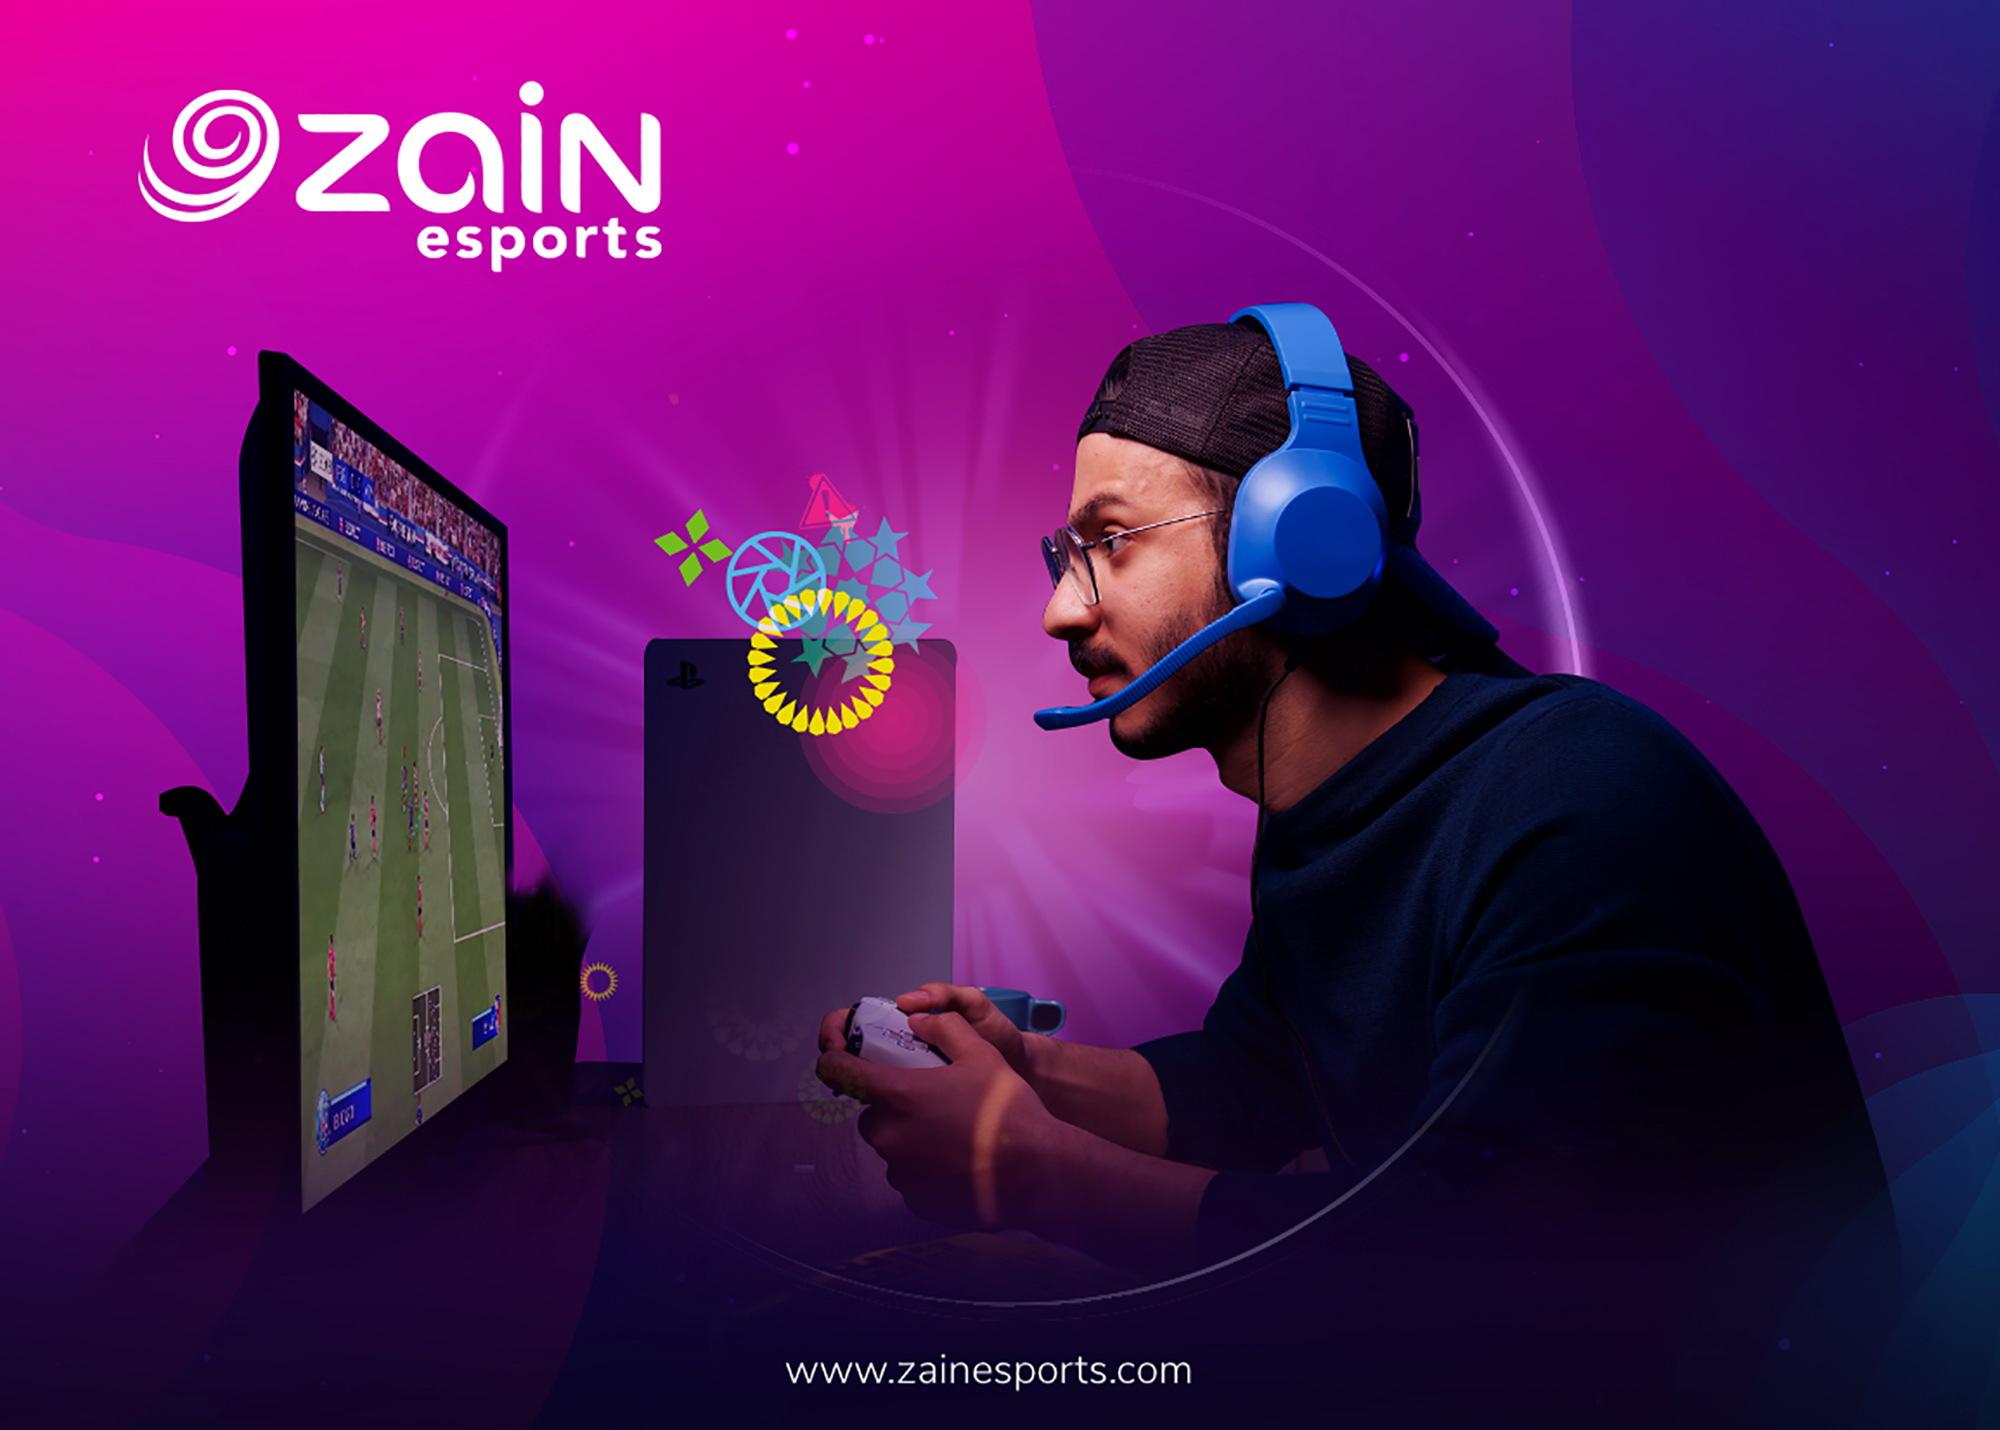 """""""زين"""" تطلق علامتها التجارية Zain esports  كقوة إقليمية جديدة في الرياضة الإلكترونية"""